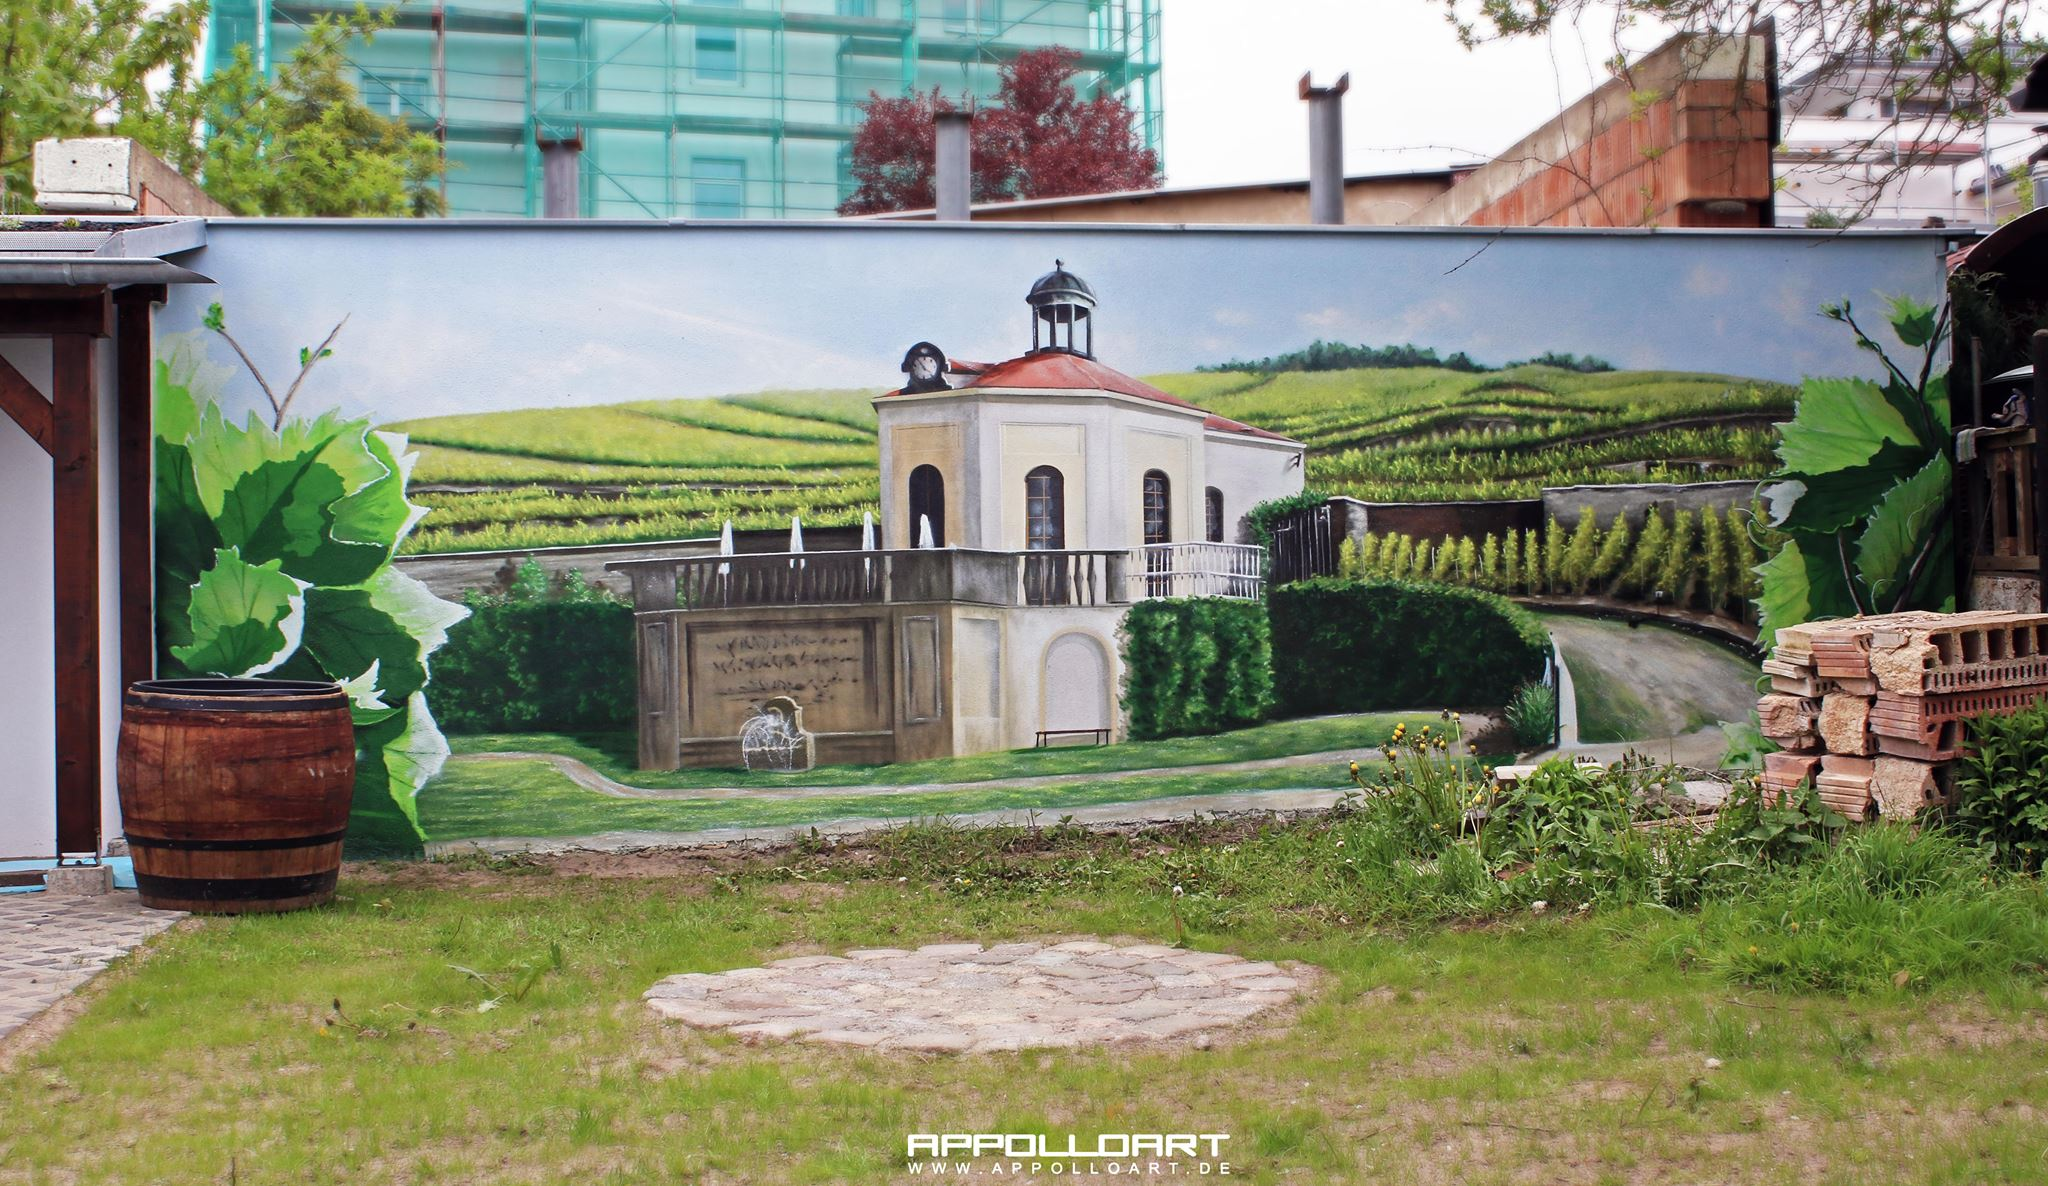 Landschaft - AppolloART Graffiti Airbrush Wandgestaltung ...